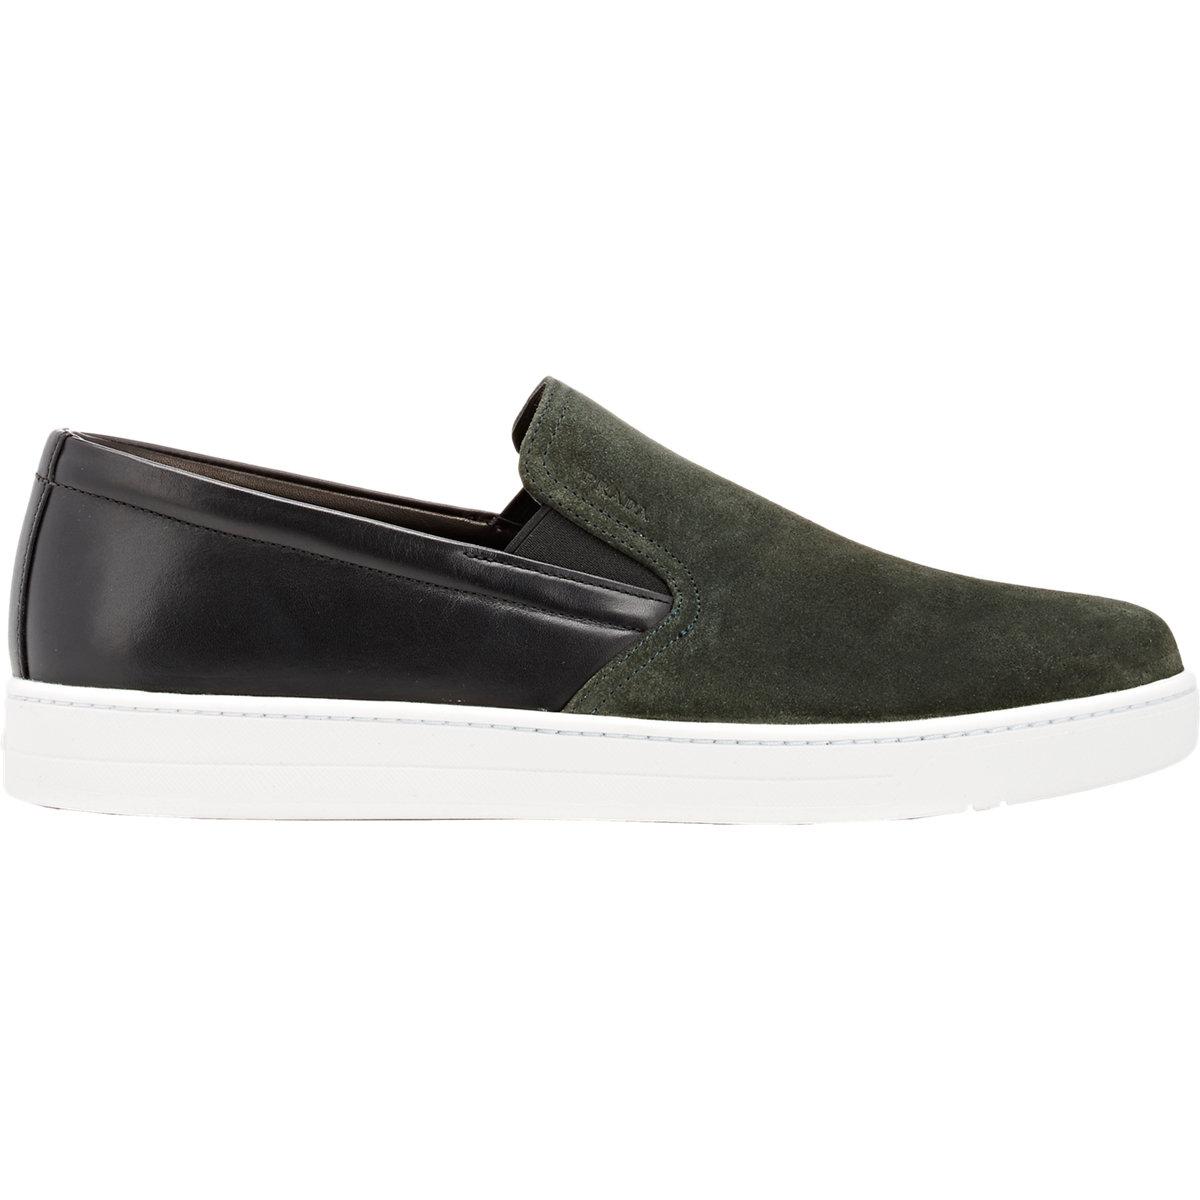 a57ddb1979f42 green prada loafers - Ecosia